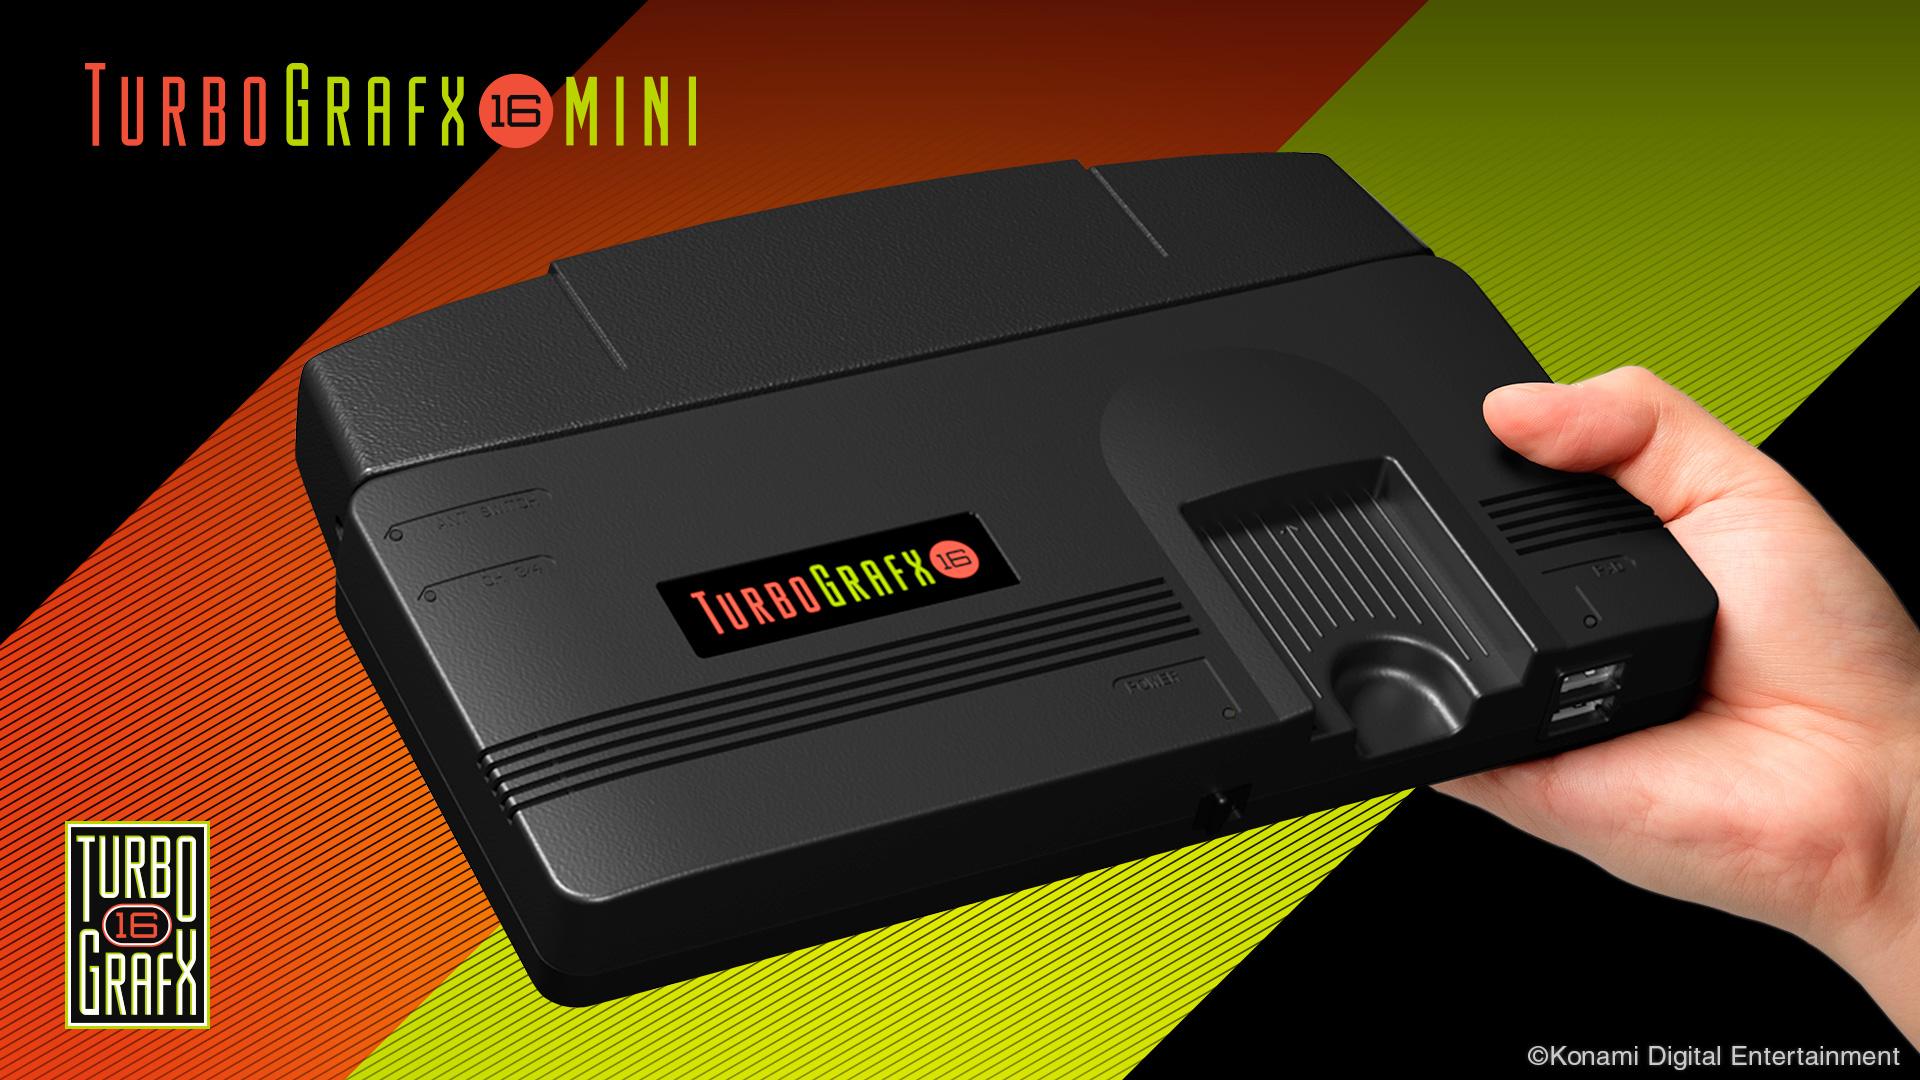 """Für die USA hat Konami die Konsolen-Neuauflage nach Vorlage der US-PC-Engine gestaltet und betitelt - der """"Turbo Grafx16"""". Überraschend: die Größe."""